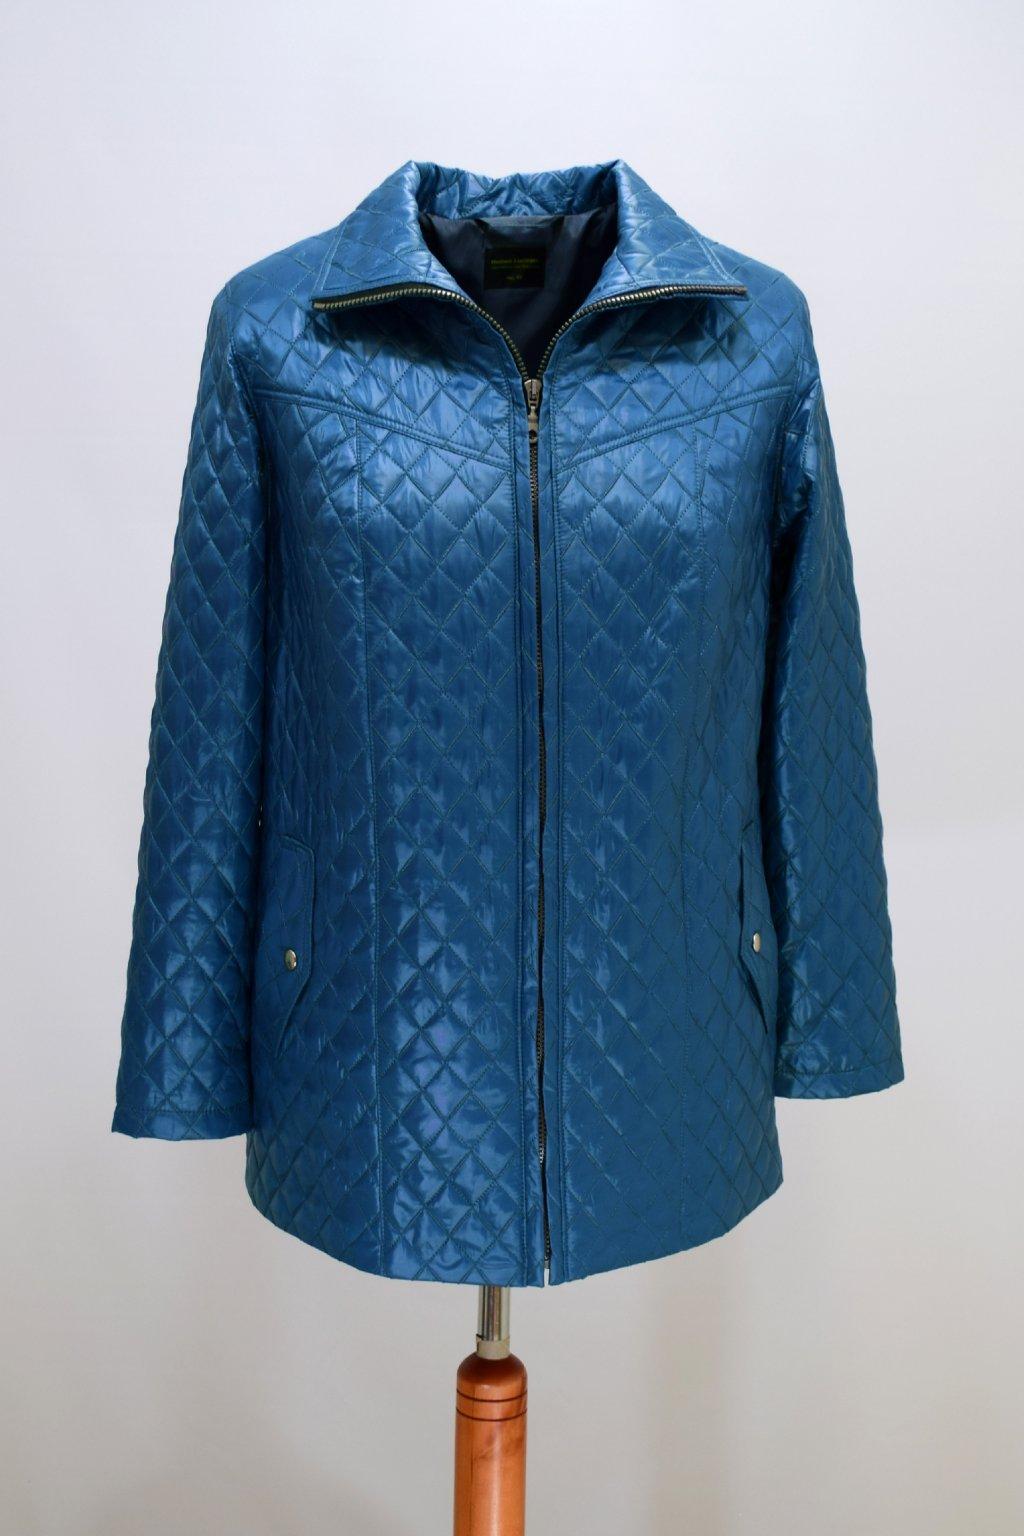 Dámská světle modrá přechodová bunda Ilona nadměrné velikosti.